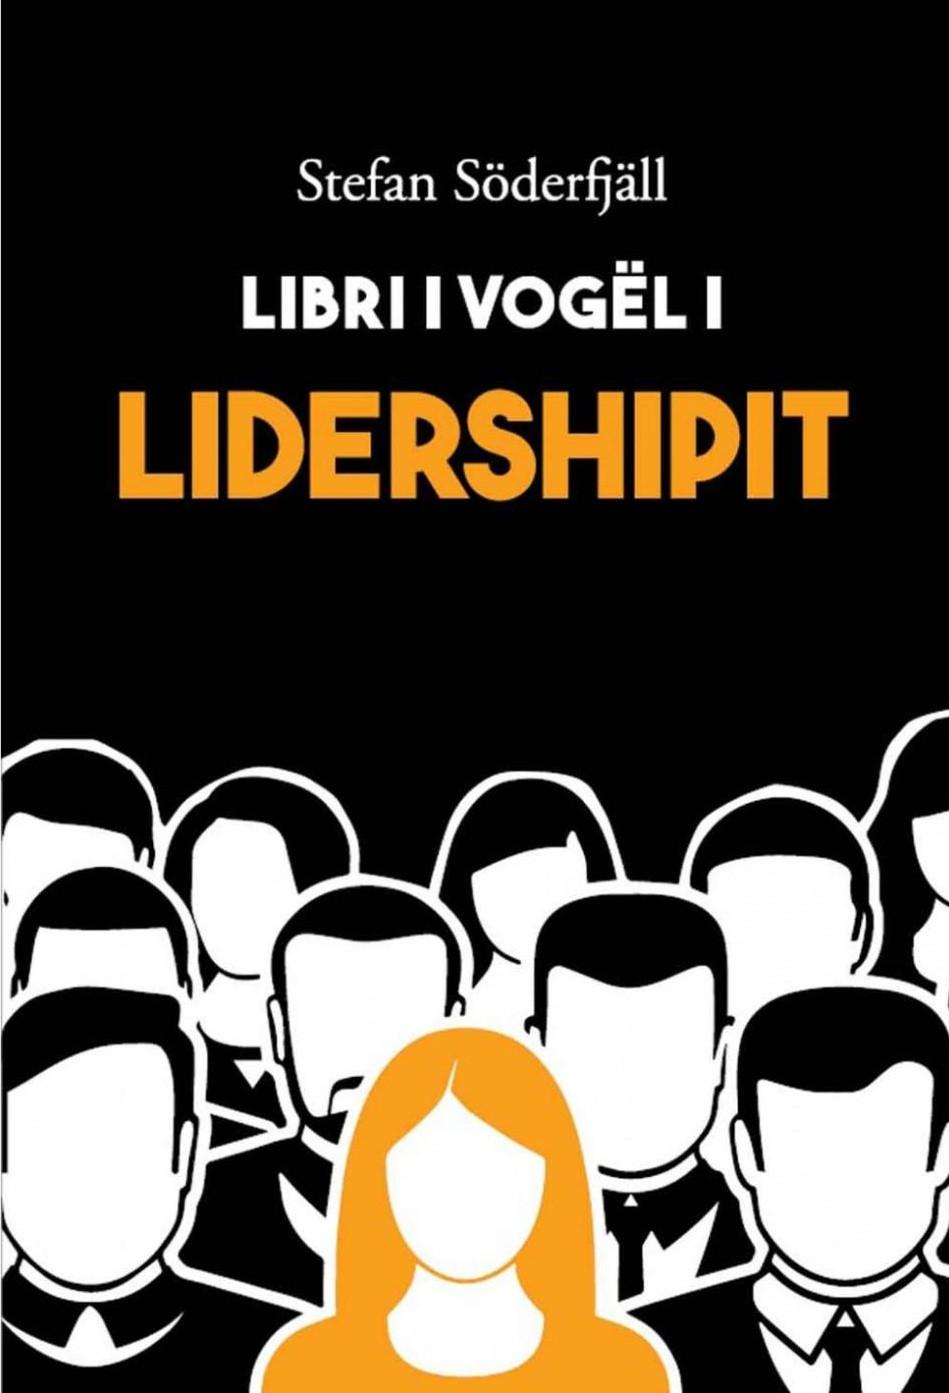 Libri i vogel i lidershipit